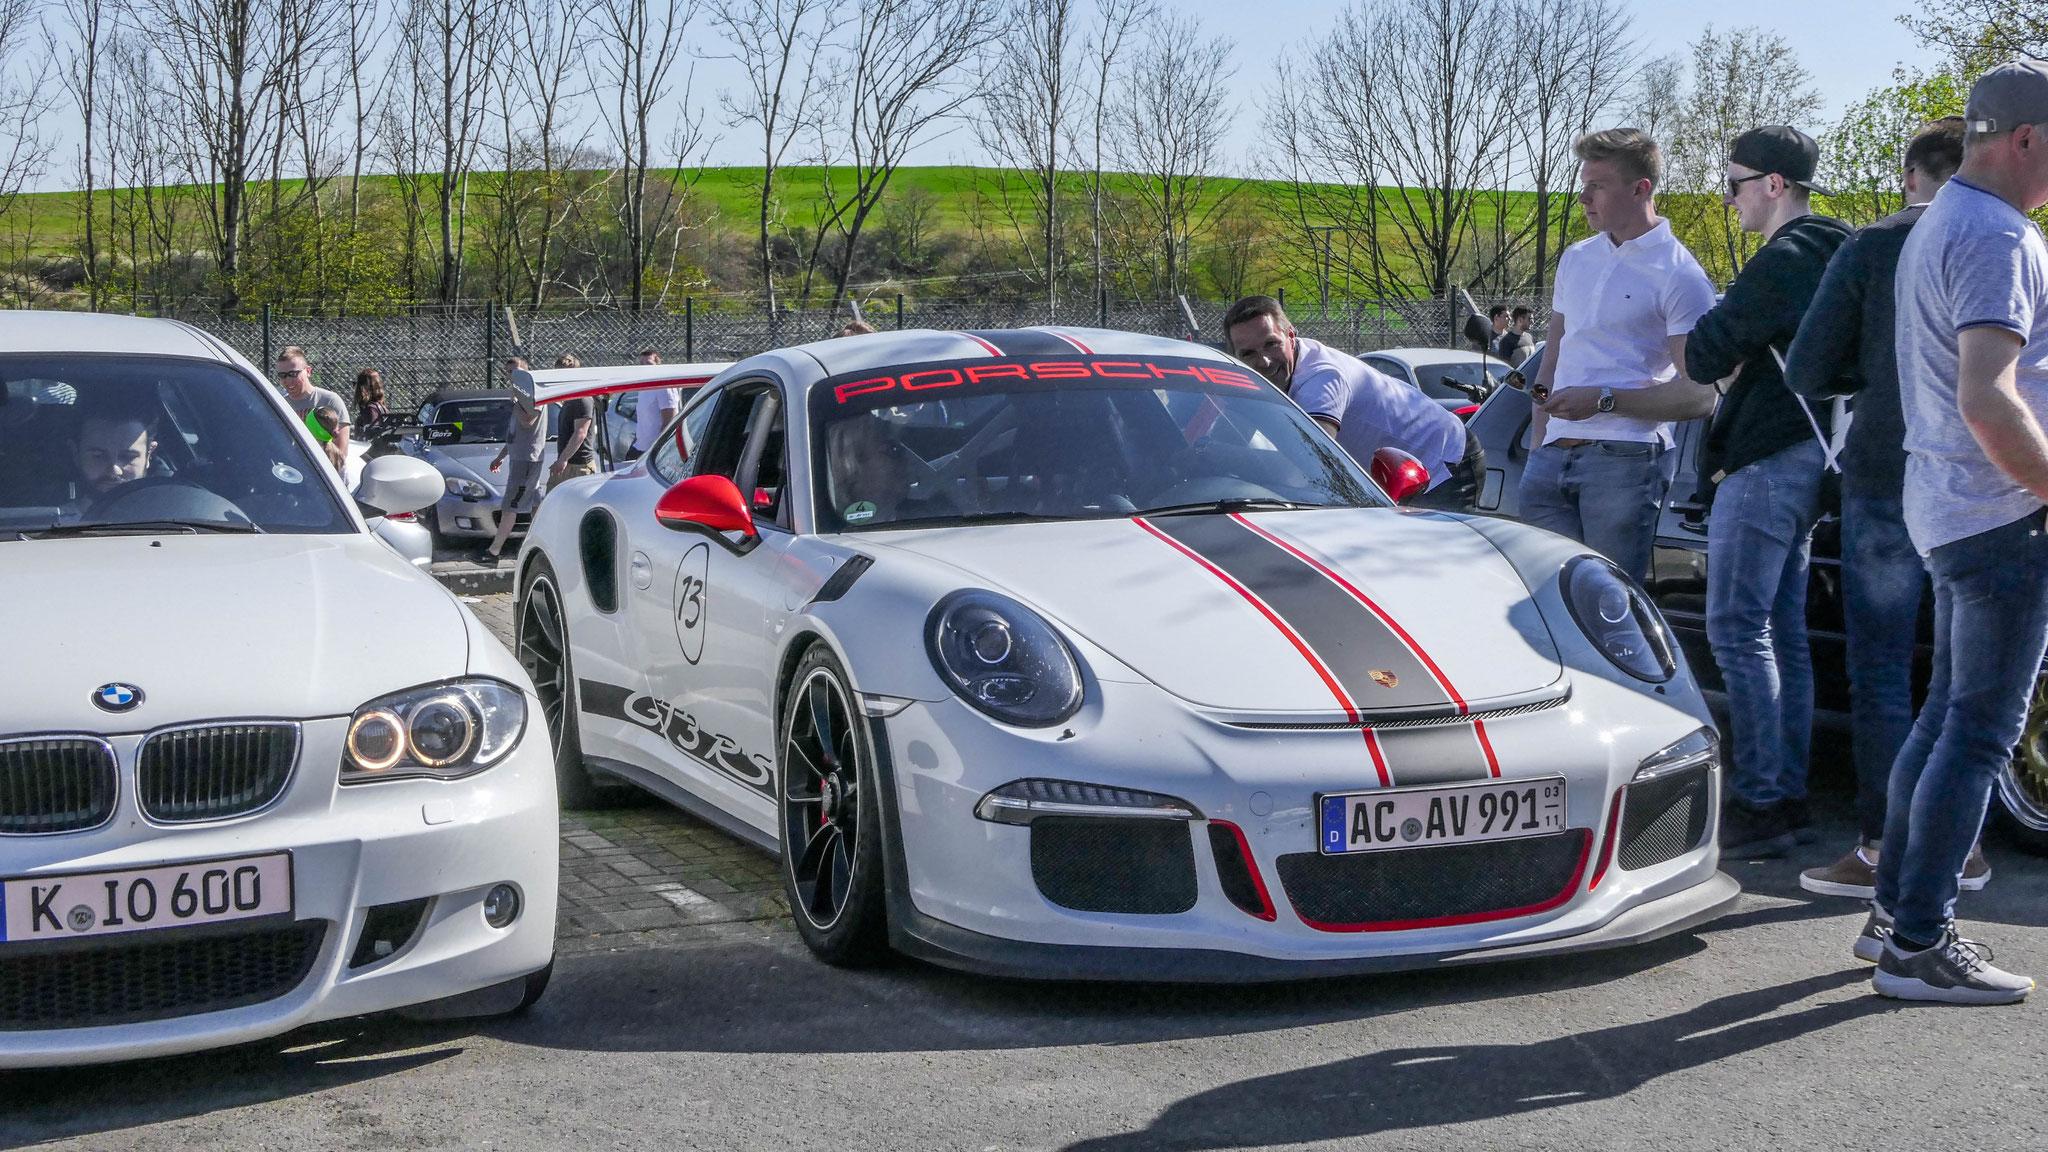 Porsche 911 GT3 RS - AC-AV-991